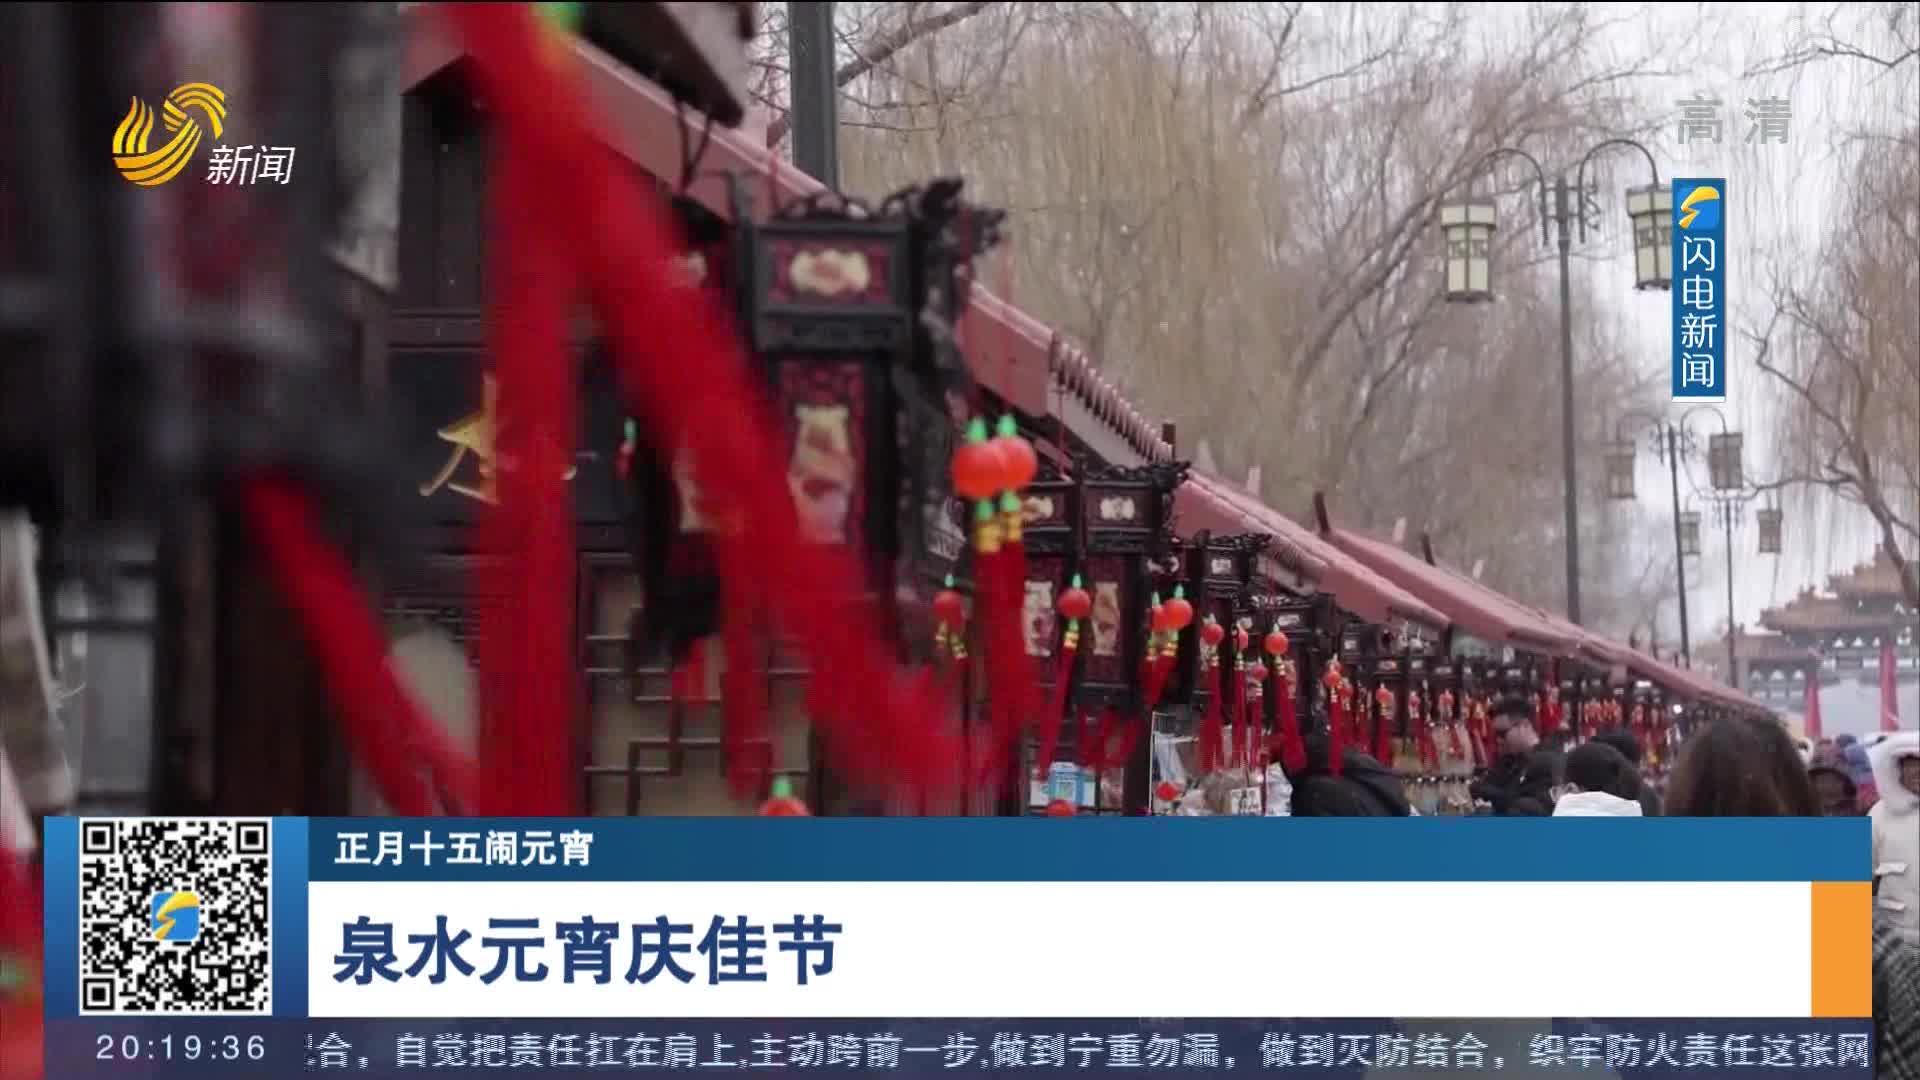 【正月十五闹元宵】泉水元宵庆佳节